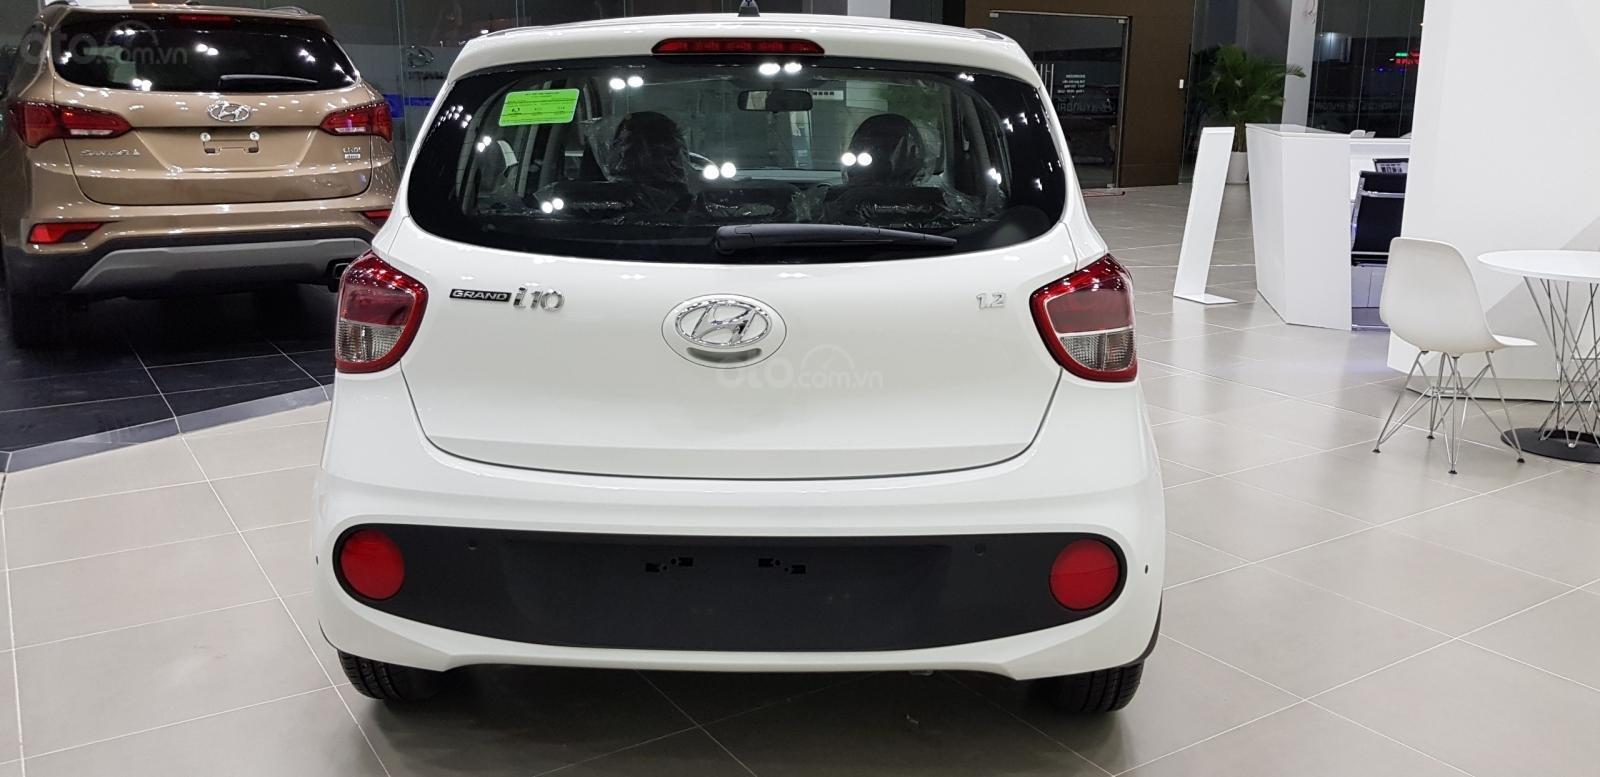 Bán Hyundai i10 hatchback, sản xuất 2019, có giao ngay, giá cạnh tranh, đủ màu, LH 0971626238 (3)